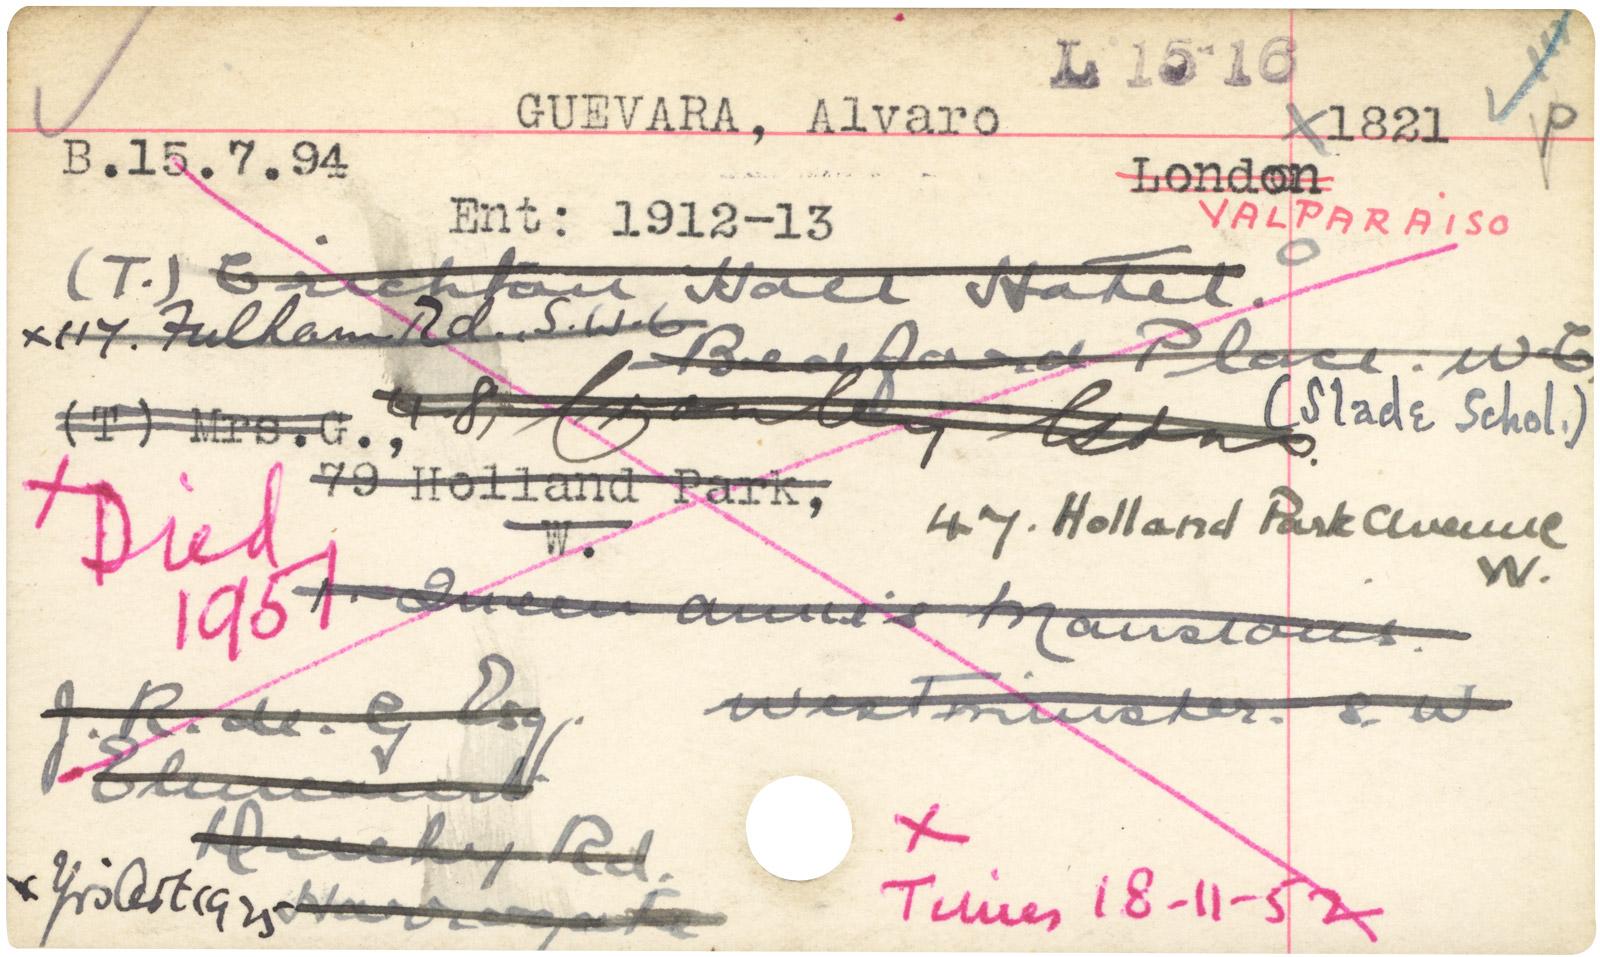 Alvaro-card